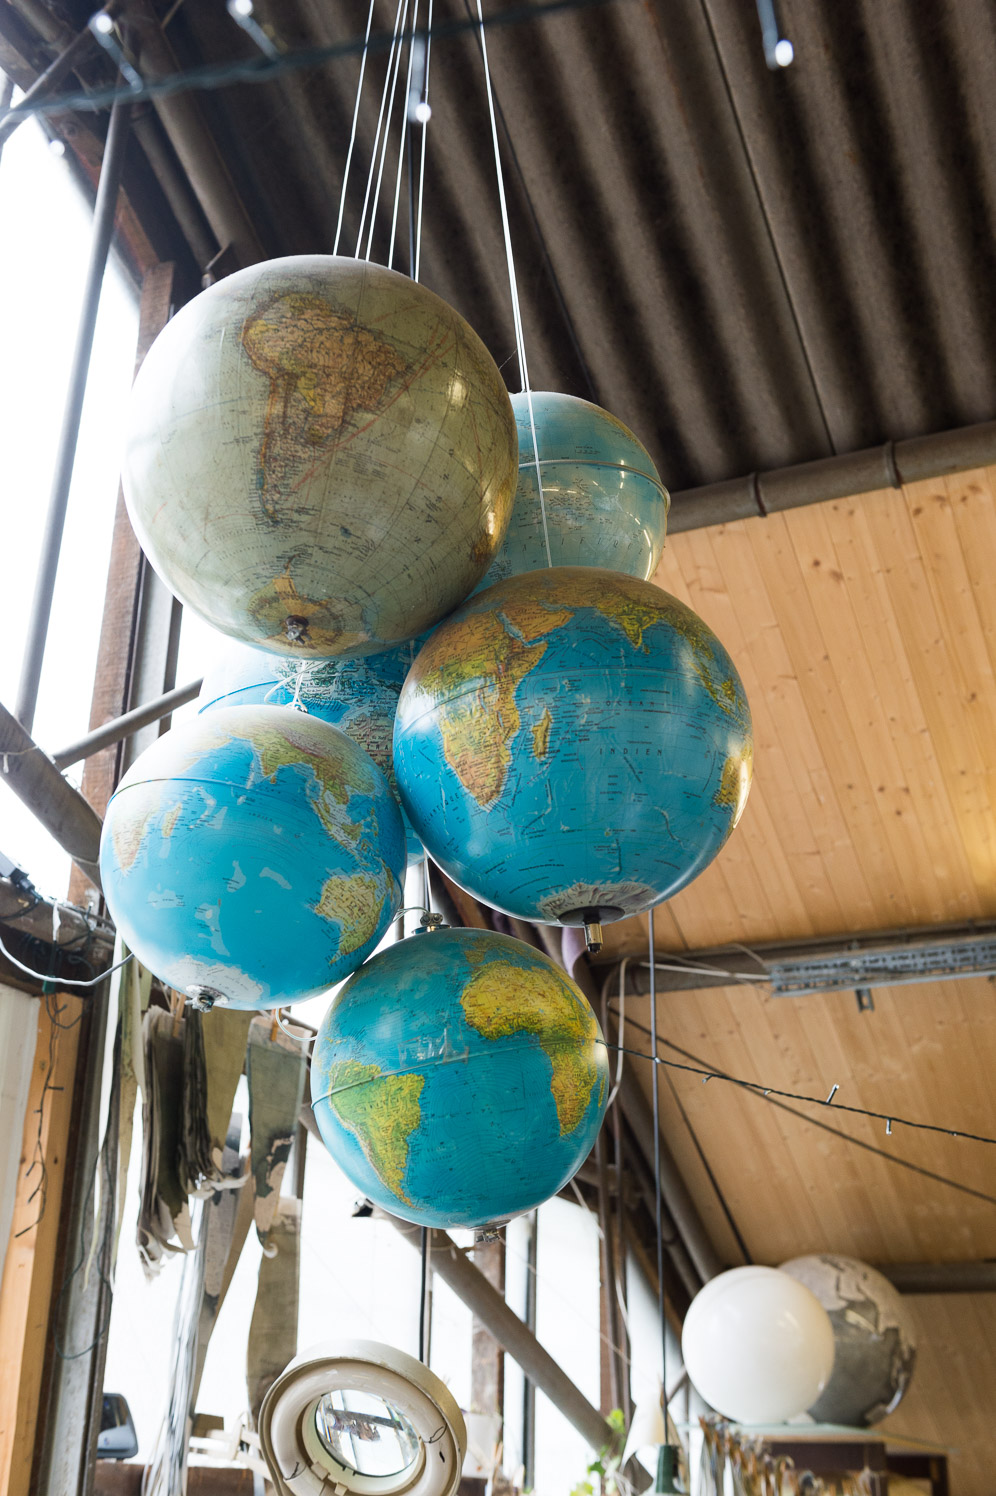 Freunde-von-Freunden-Bellerby-Globes-018.jpg